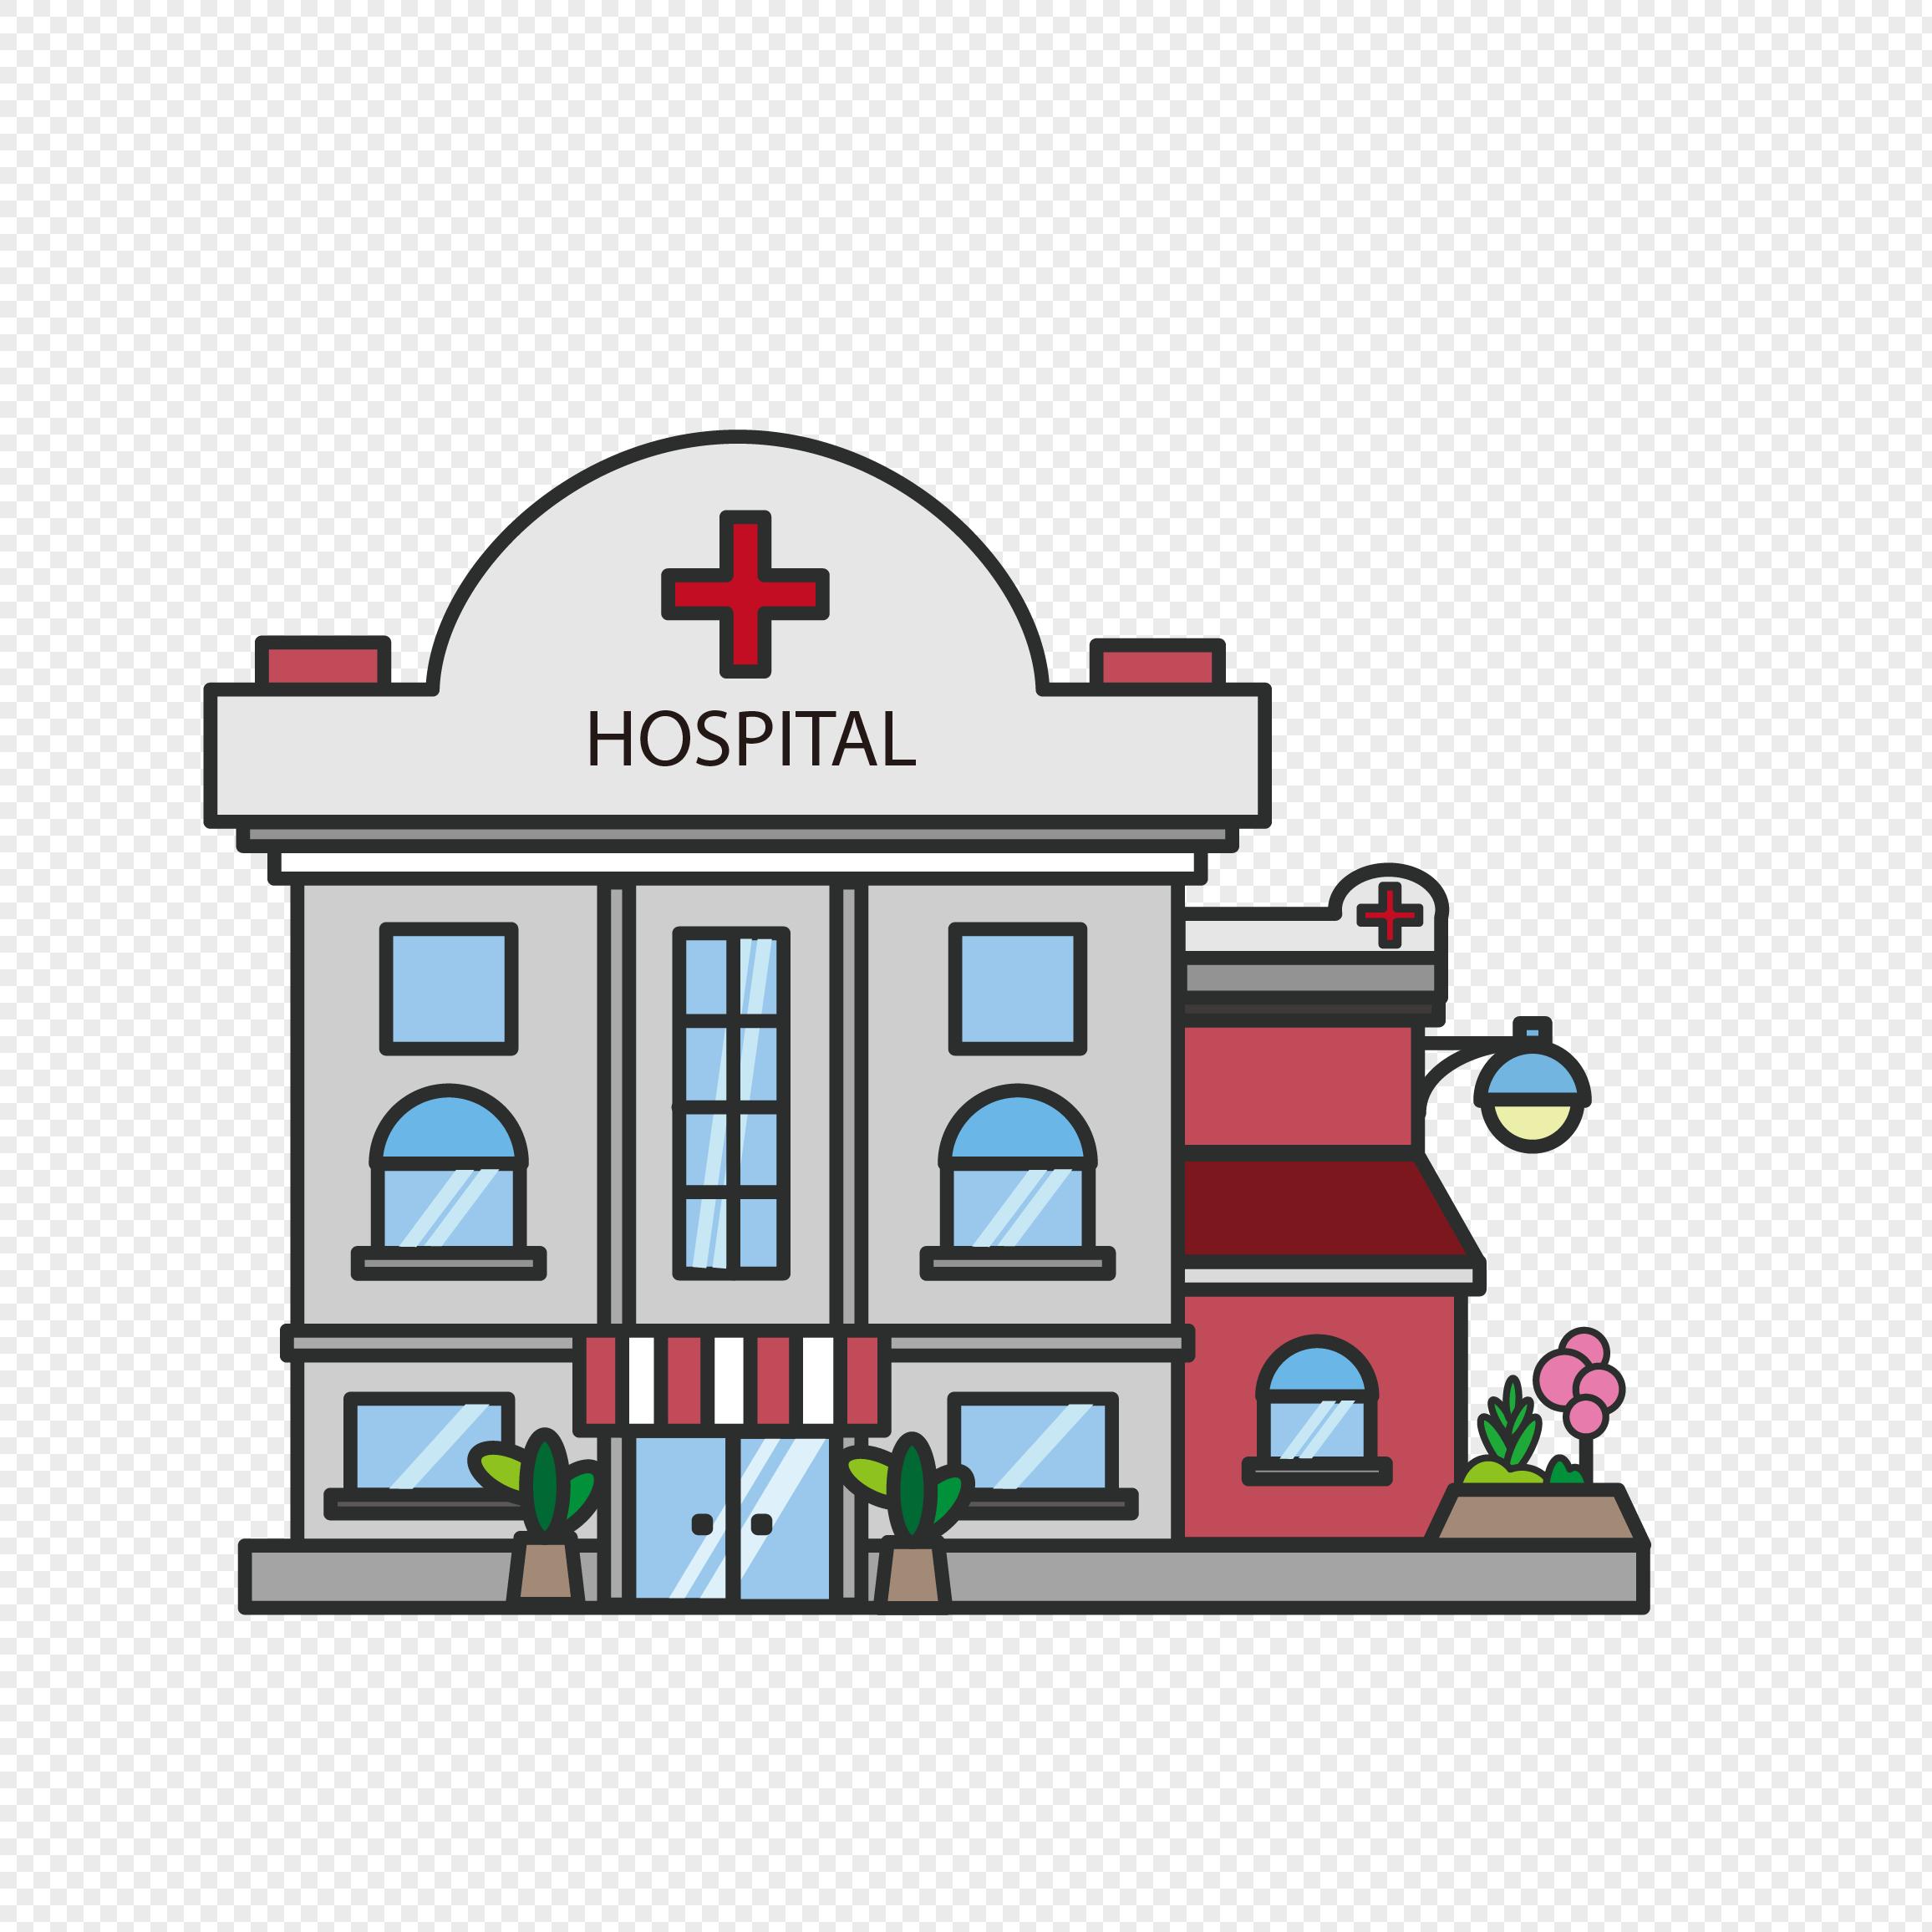 醫院AI圖案素材免費下載 - 尺寸2292 × 2292px - 圖形ID400496060 - Lovepik